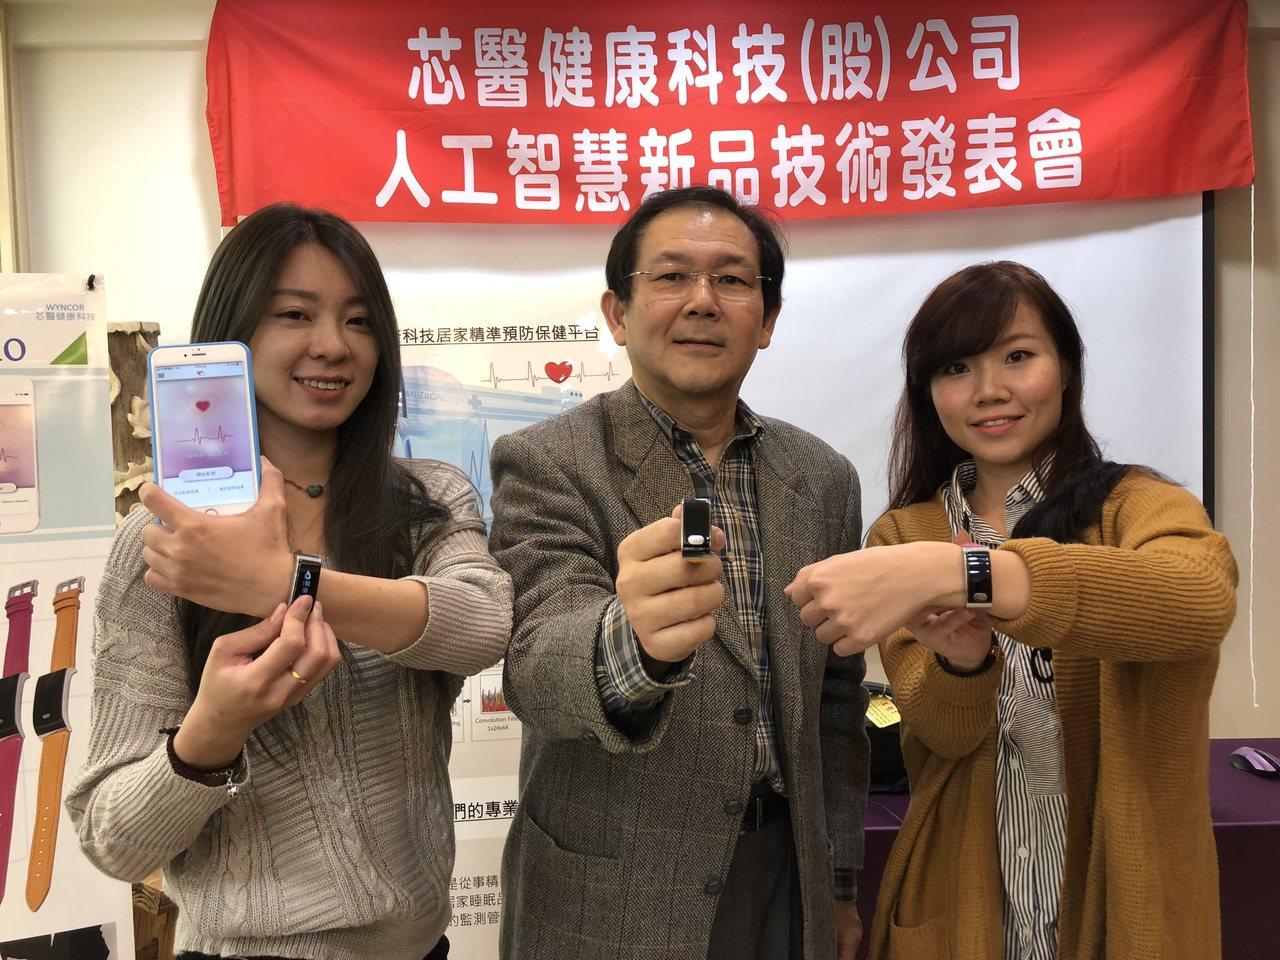 芯醫健康科技總經理宋耀華(中)發表最新研發的「Trio芯動健康手環」,標榜可提供...